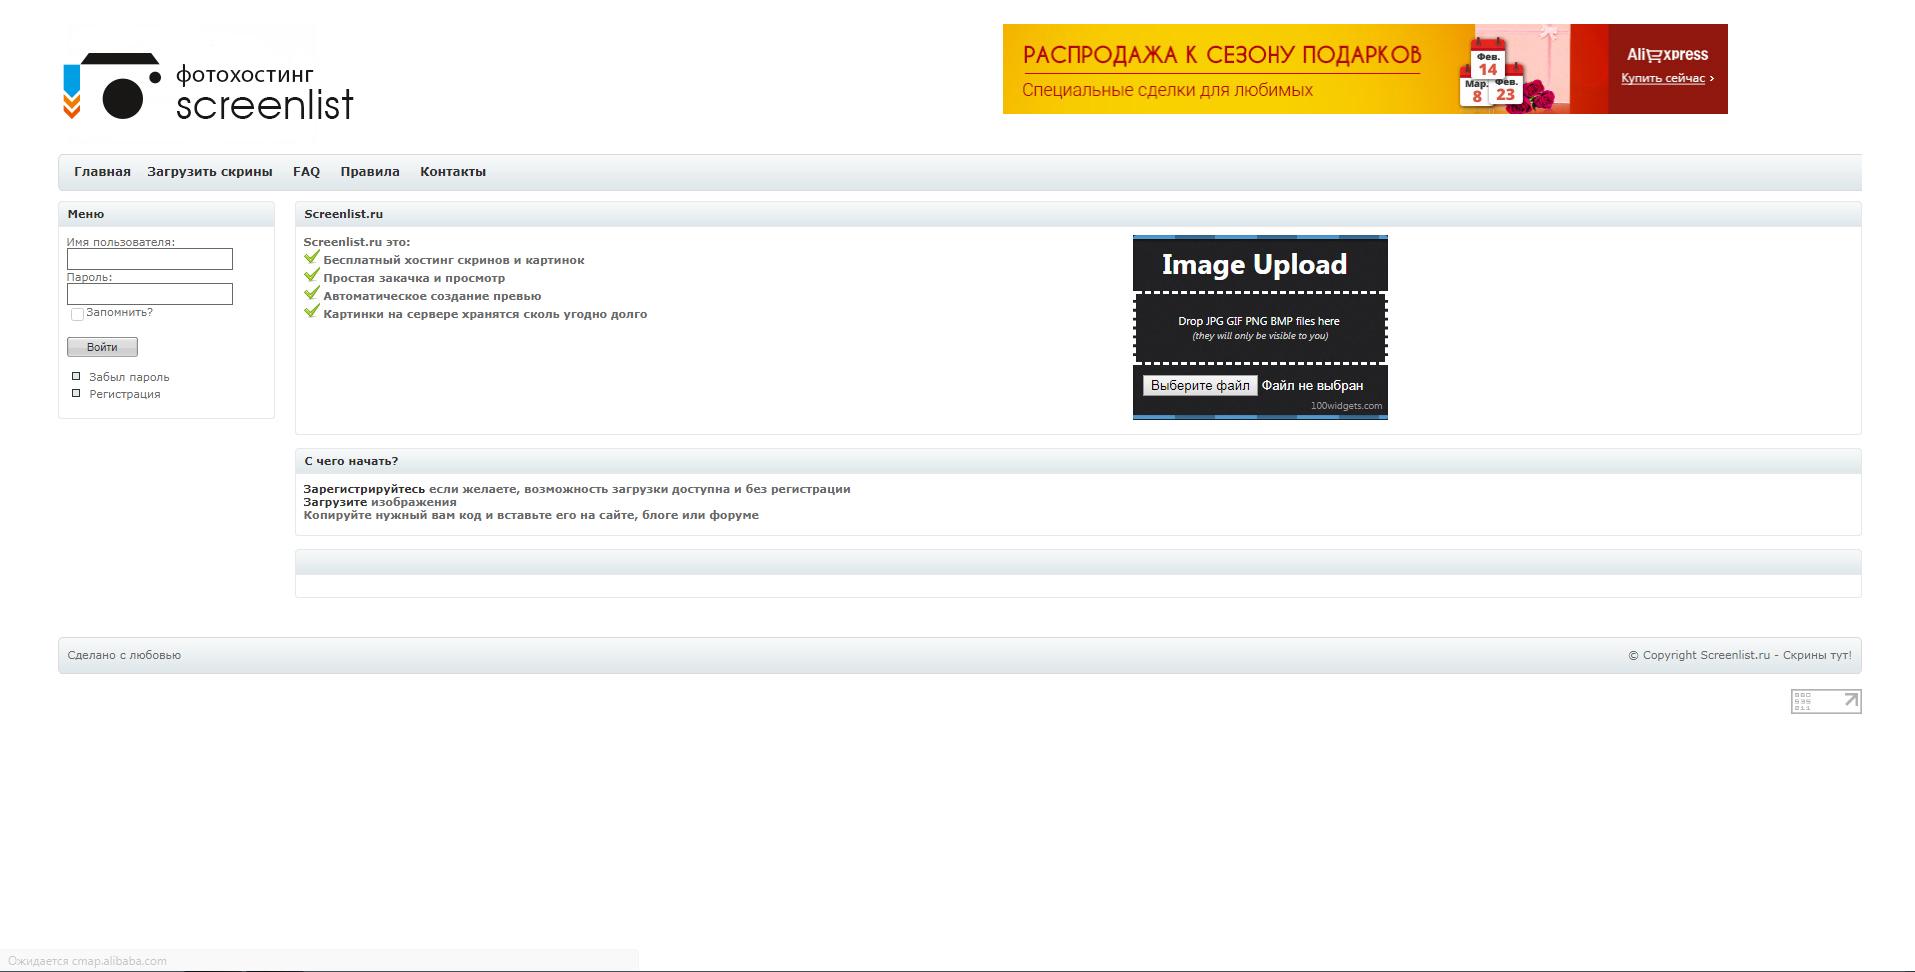 Безлимитный фотохостинг ScreenList.ru требует новый дизайн фото f_12659c4d99a4d75a.jpg